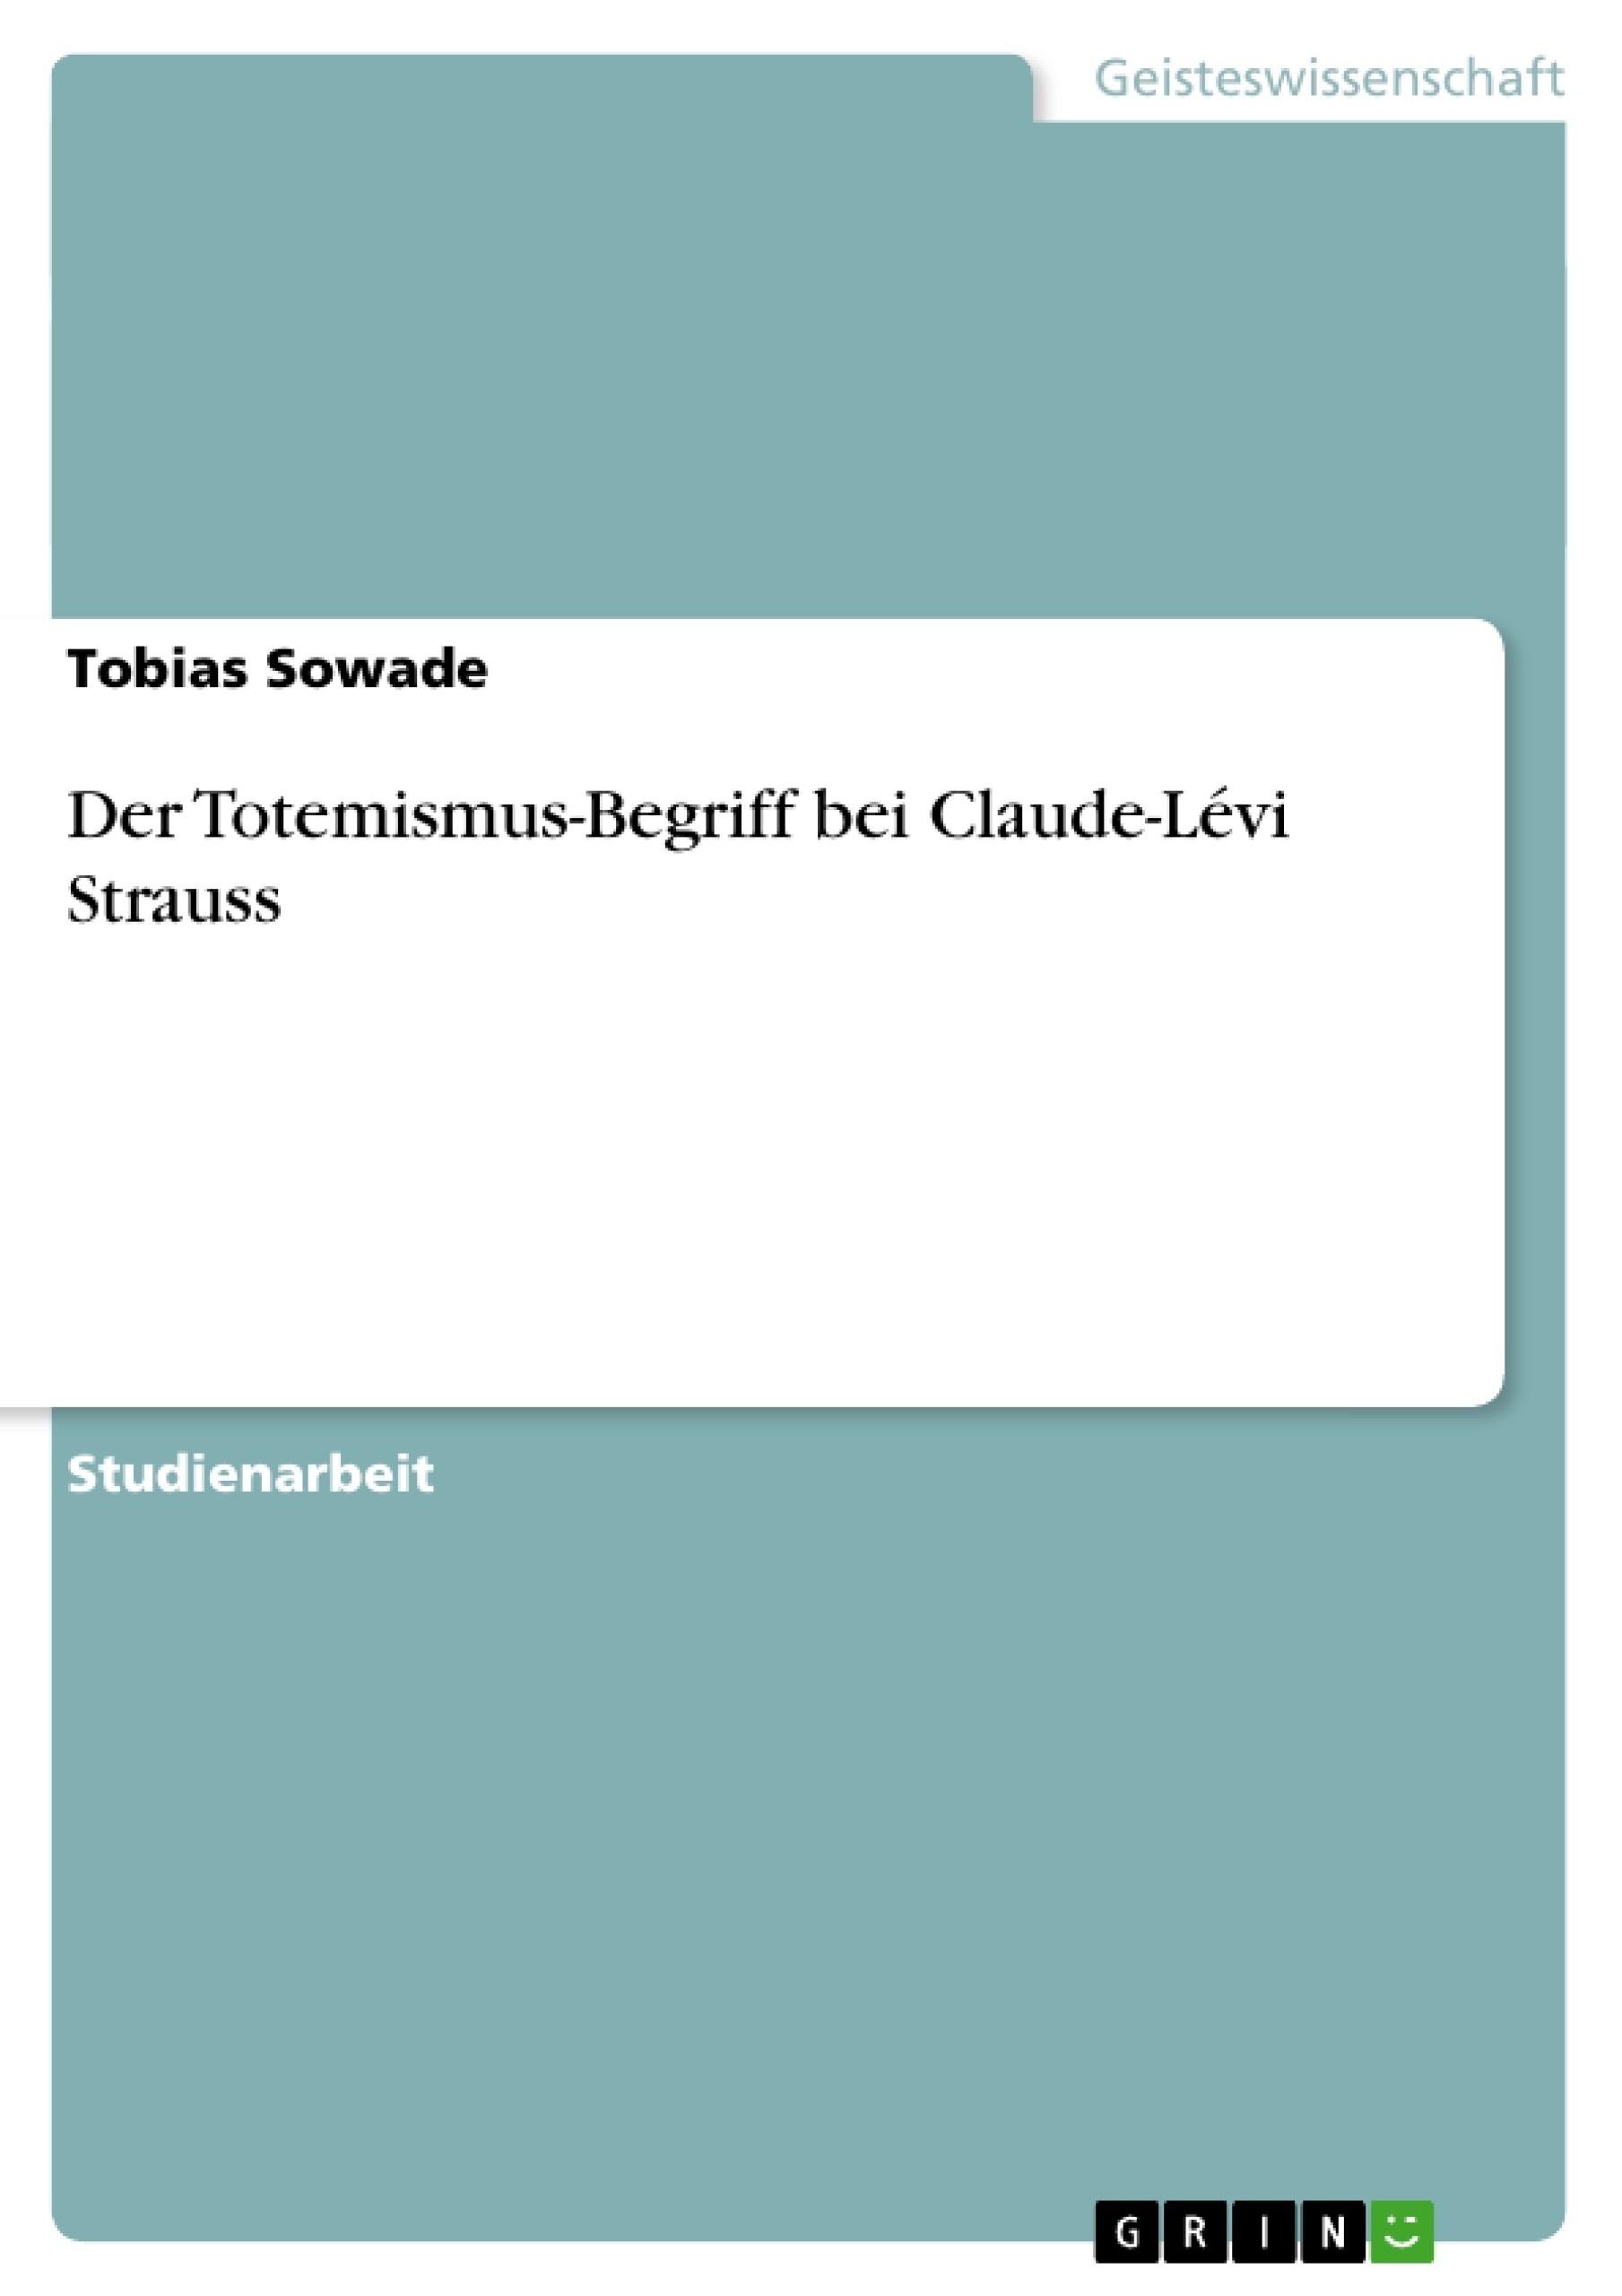 Titel: Der Totemismus-Begriff bei Claude-Lévi Strauss